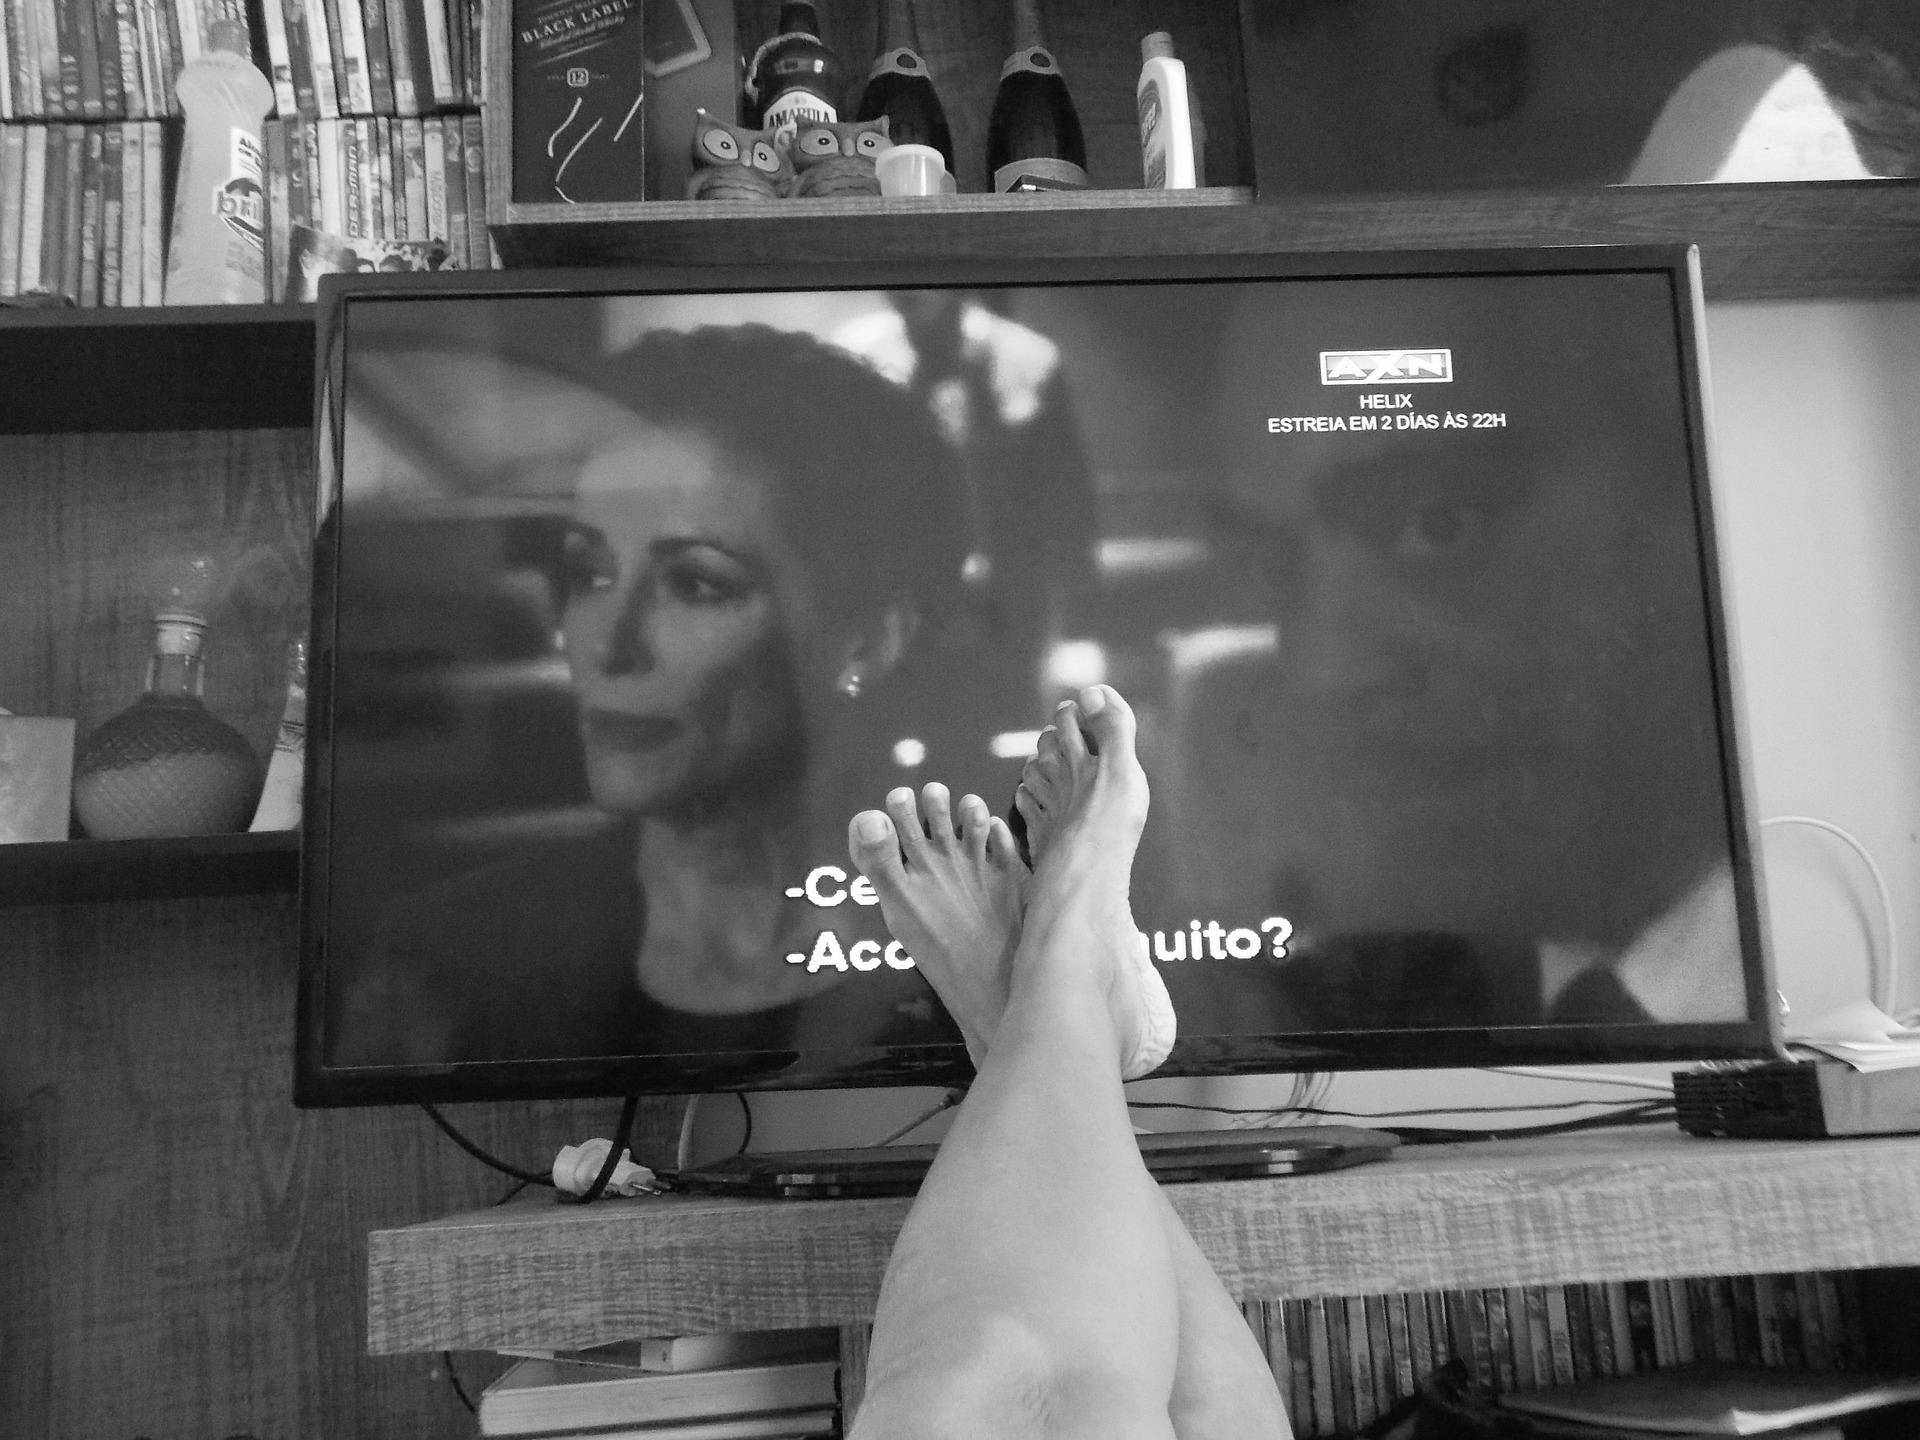 Wieczór z telewizorem